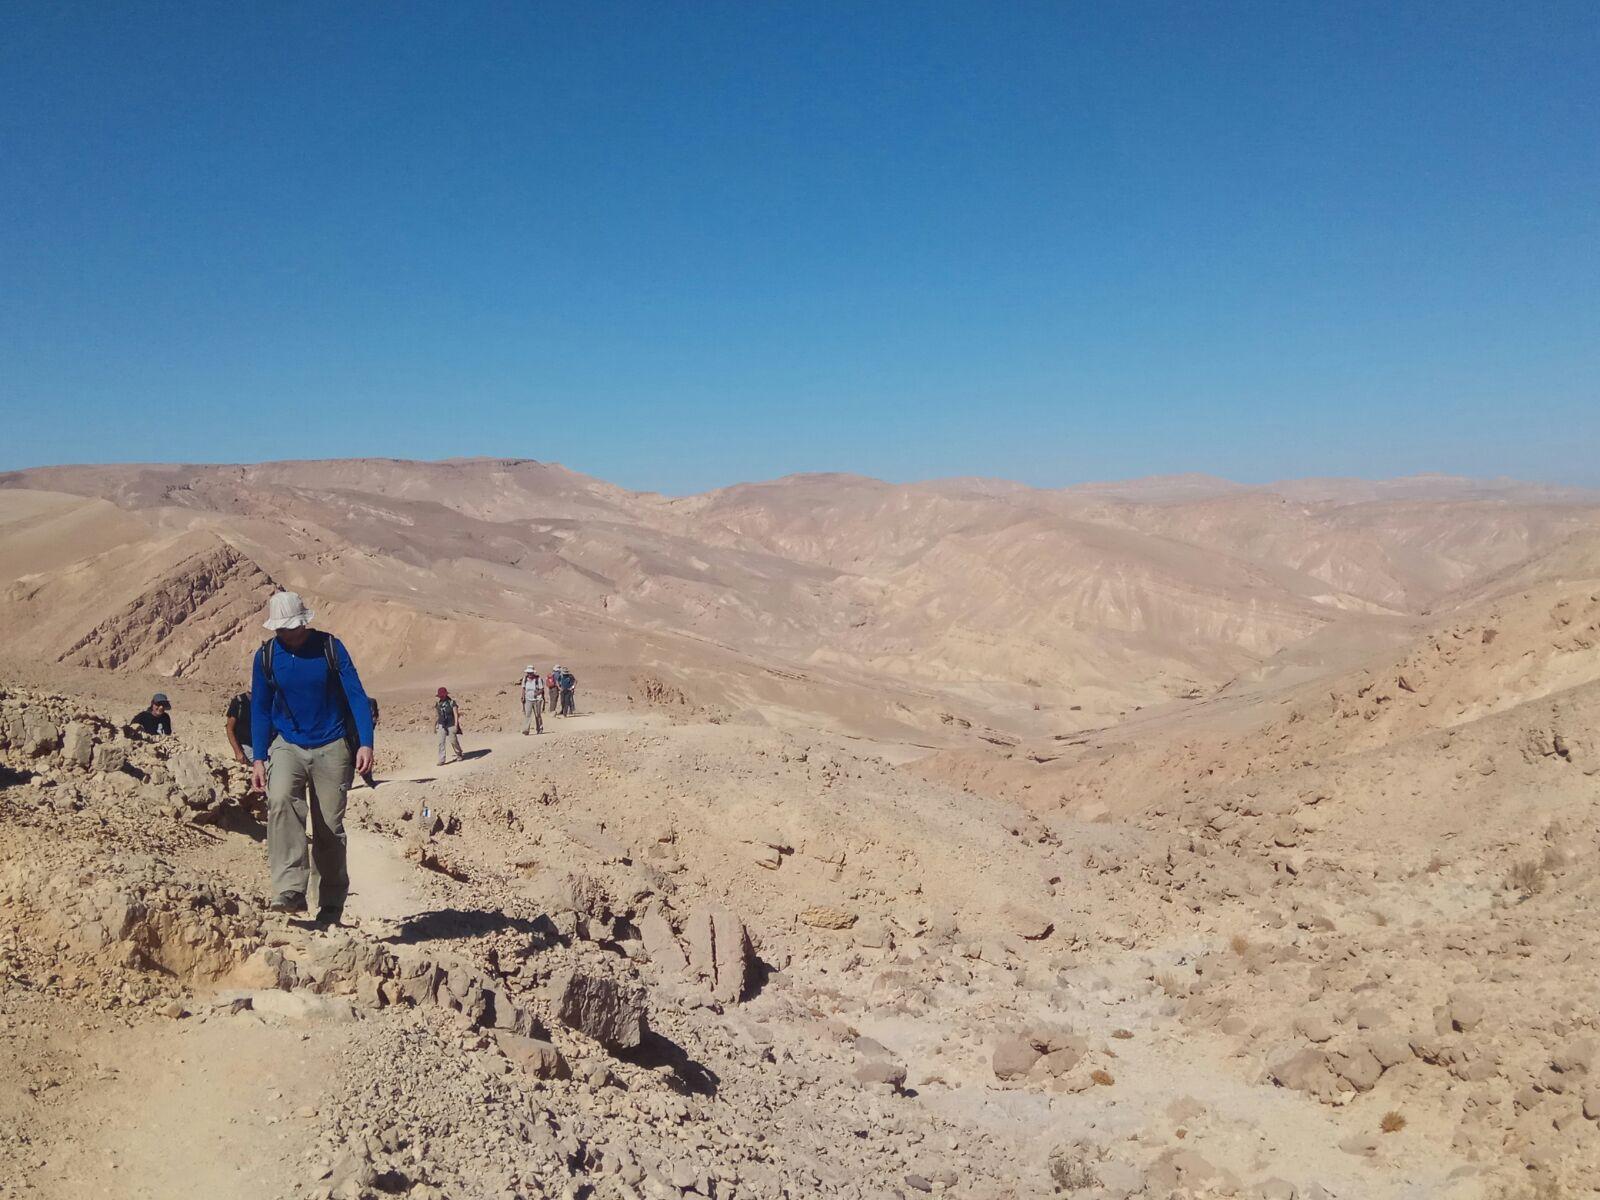 שביל ישראל מקטע מס'2 (צילום: גיל חובב)